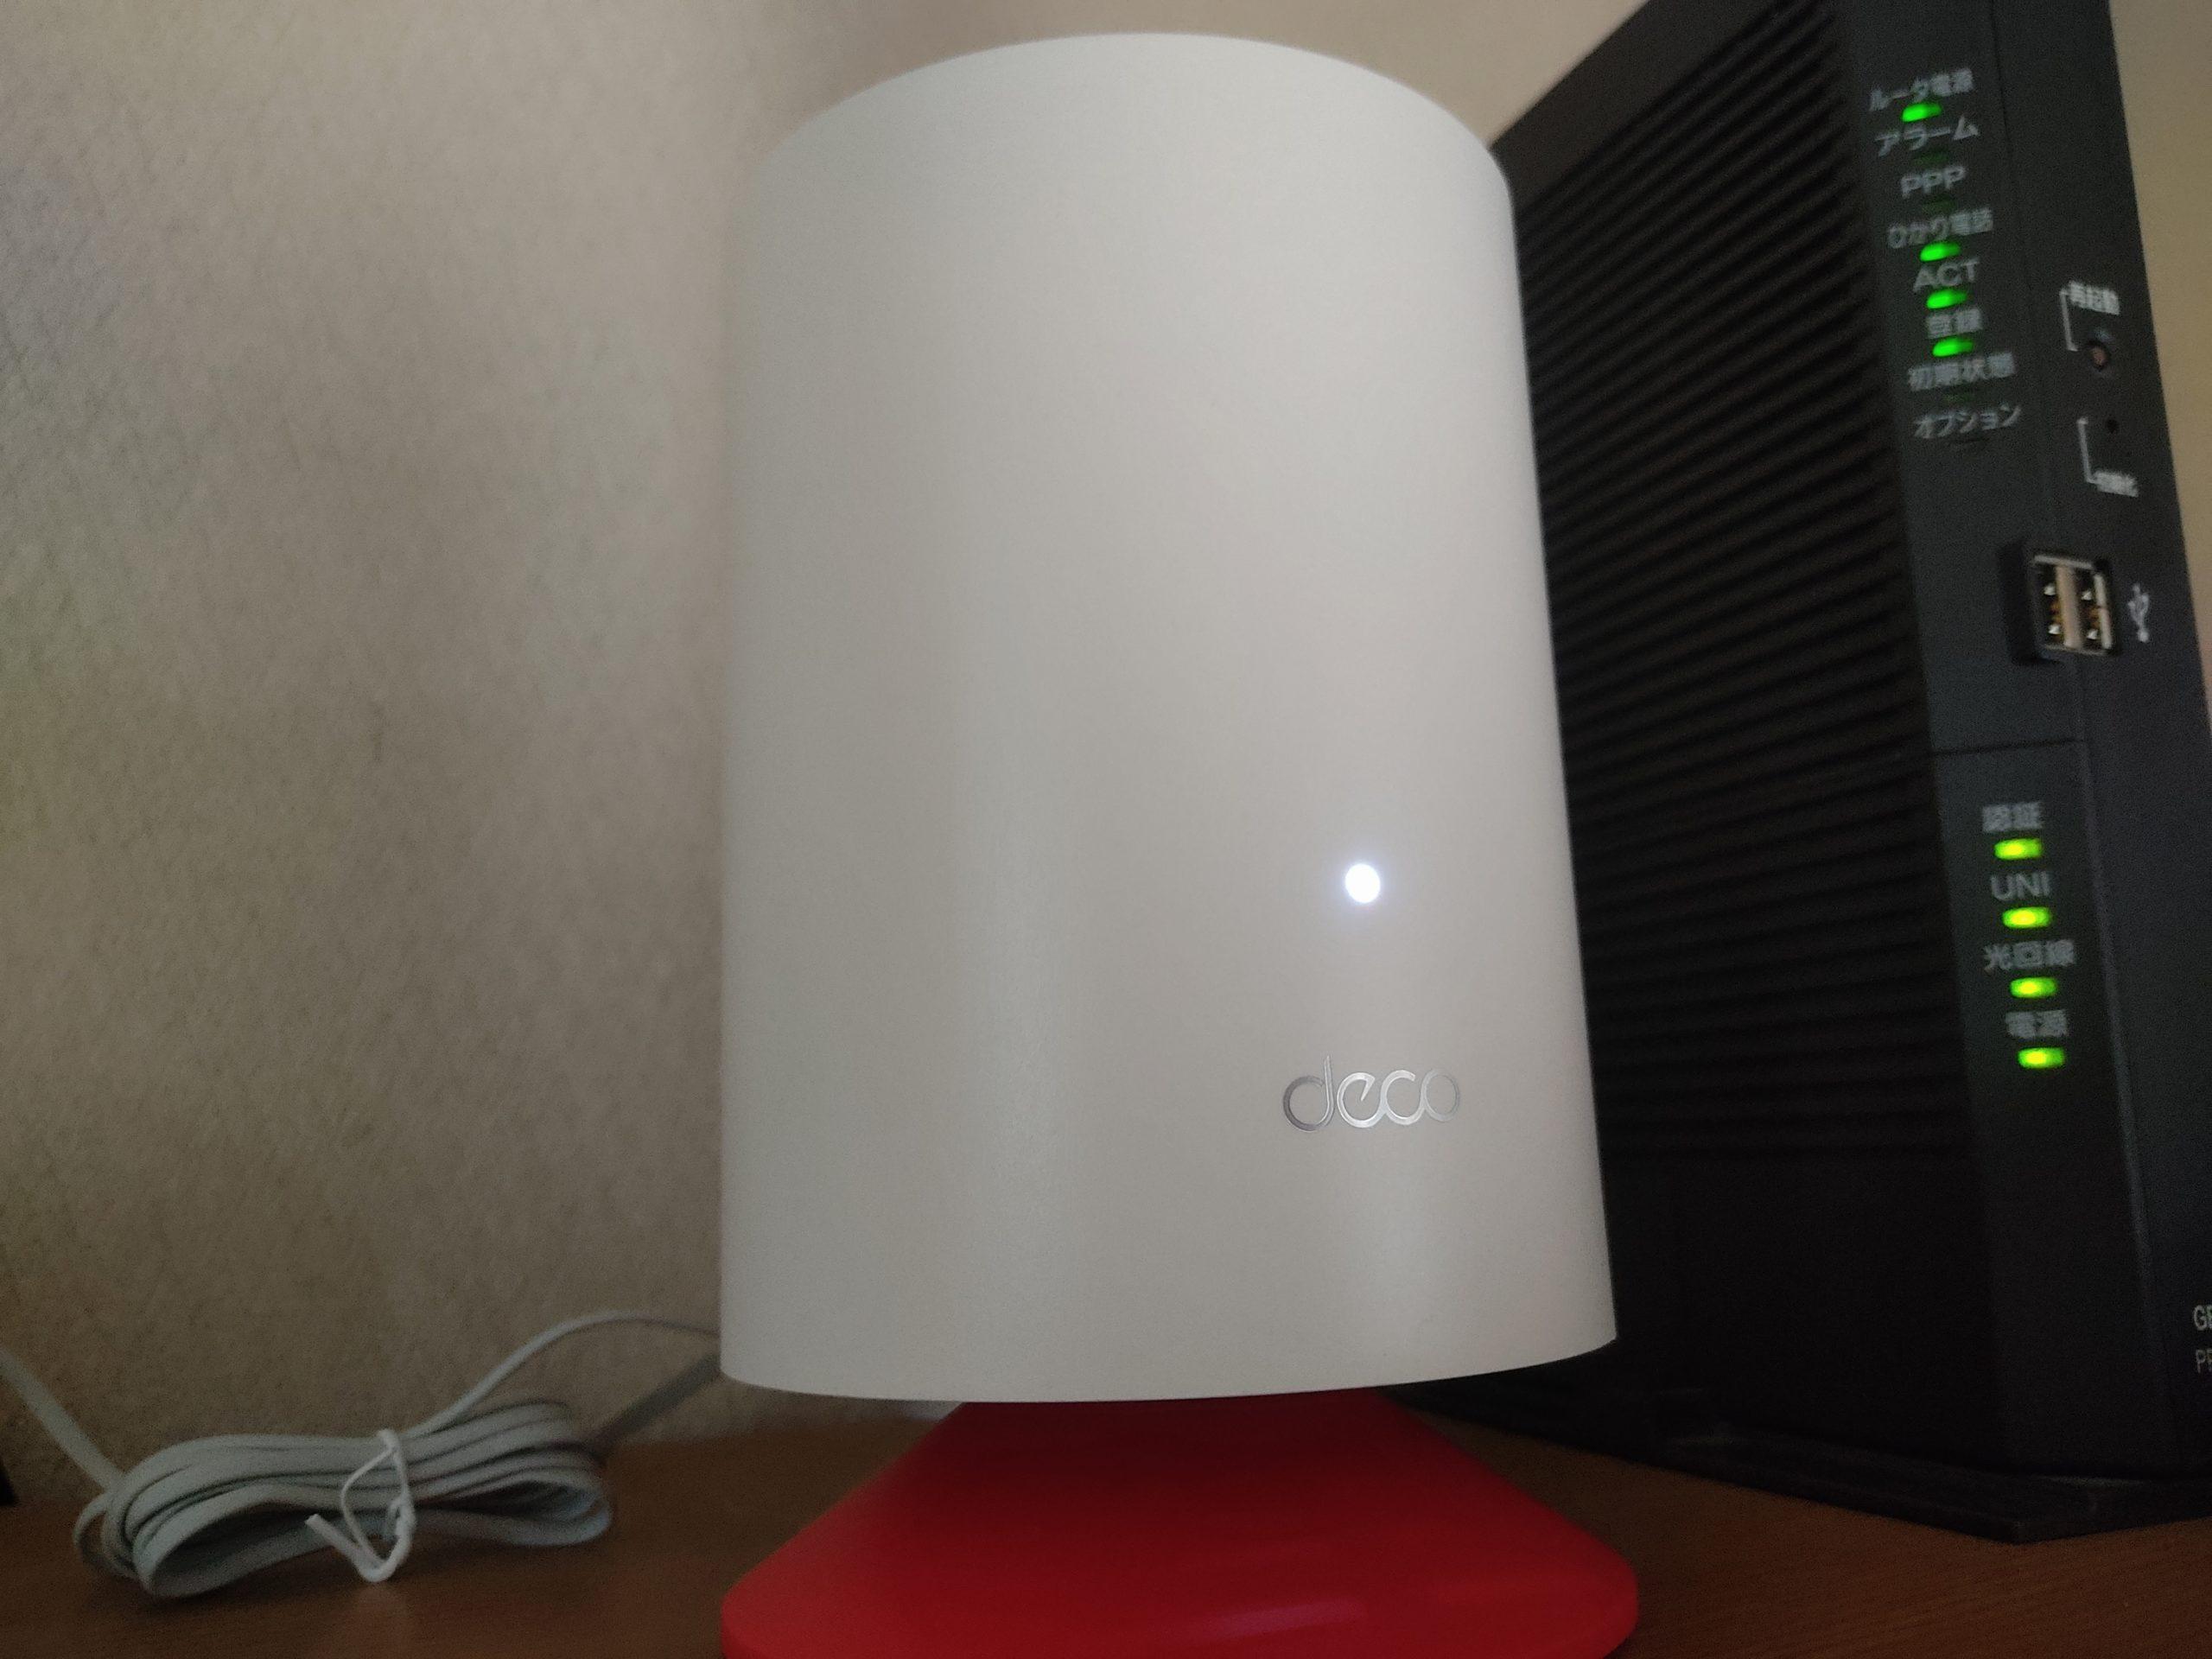 「Deco Voice X20」を設置した様子